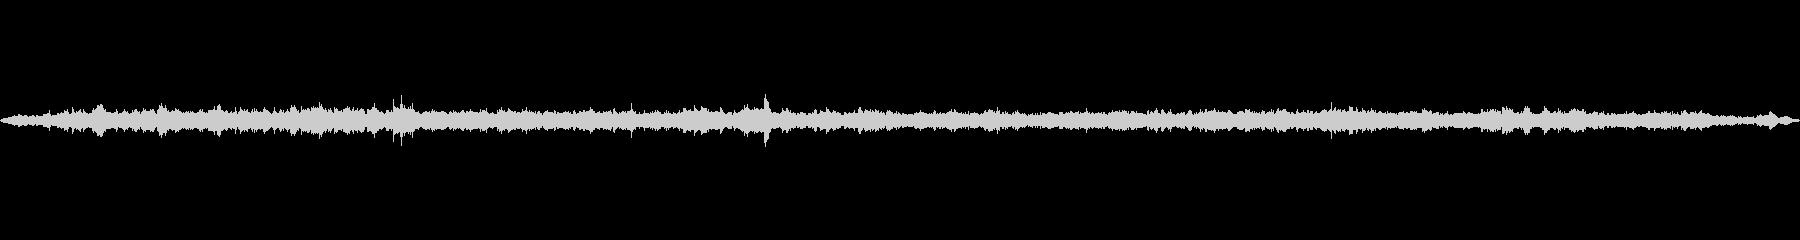 鉄道駅EXT一般的な足音の声の未再生の波形